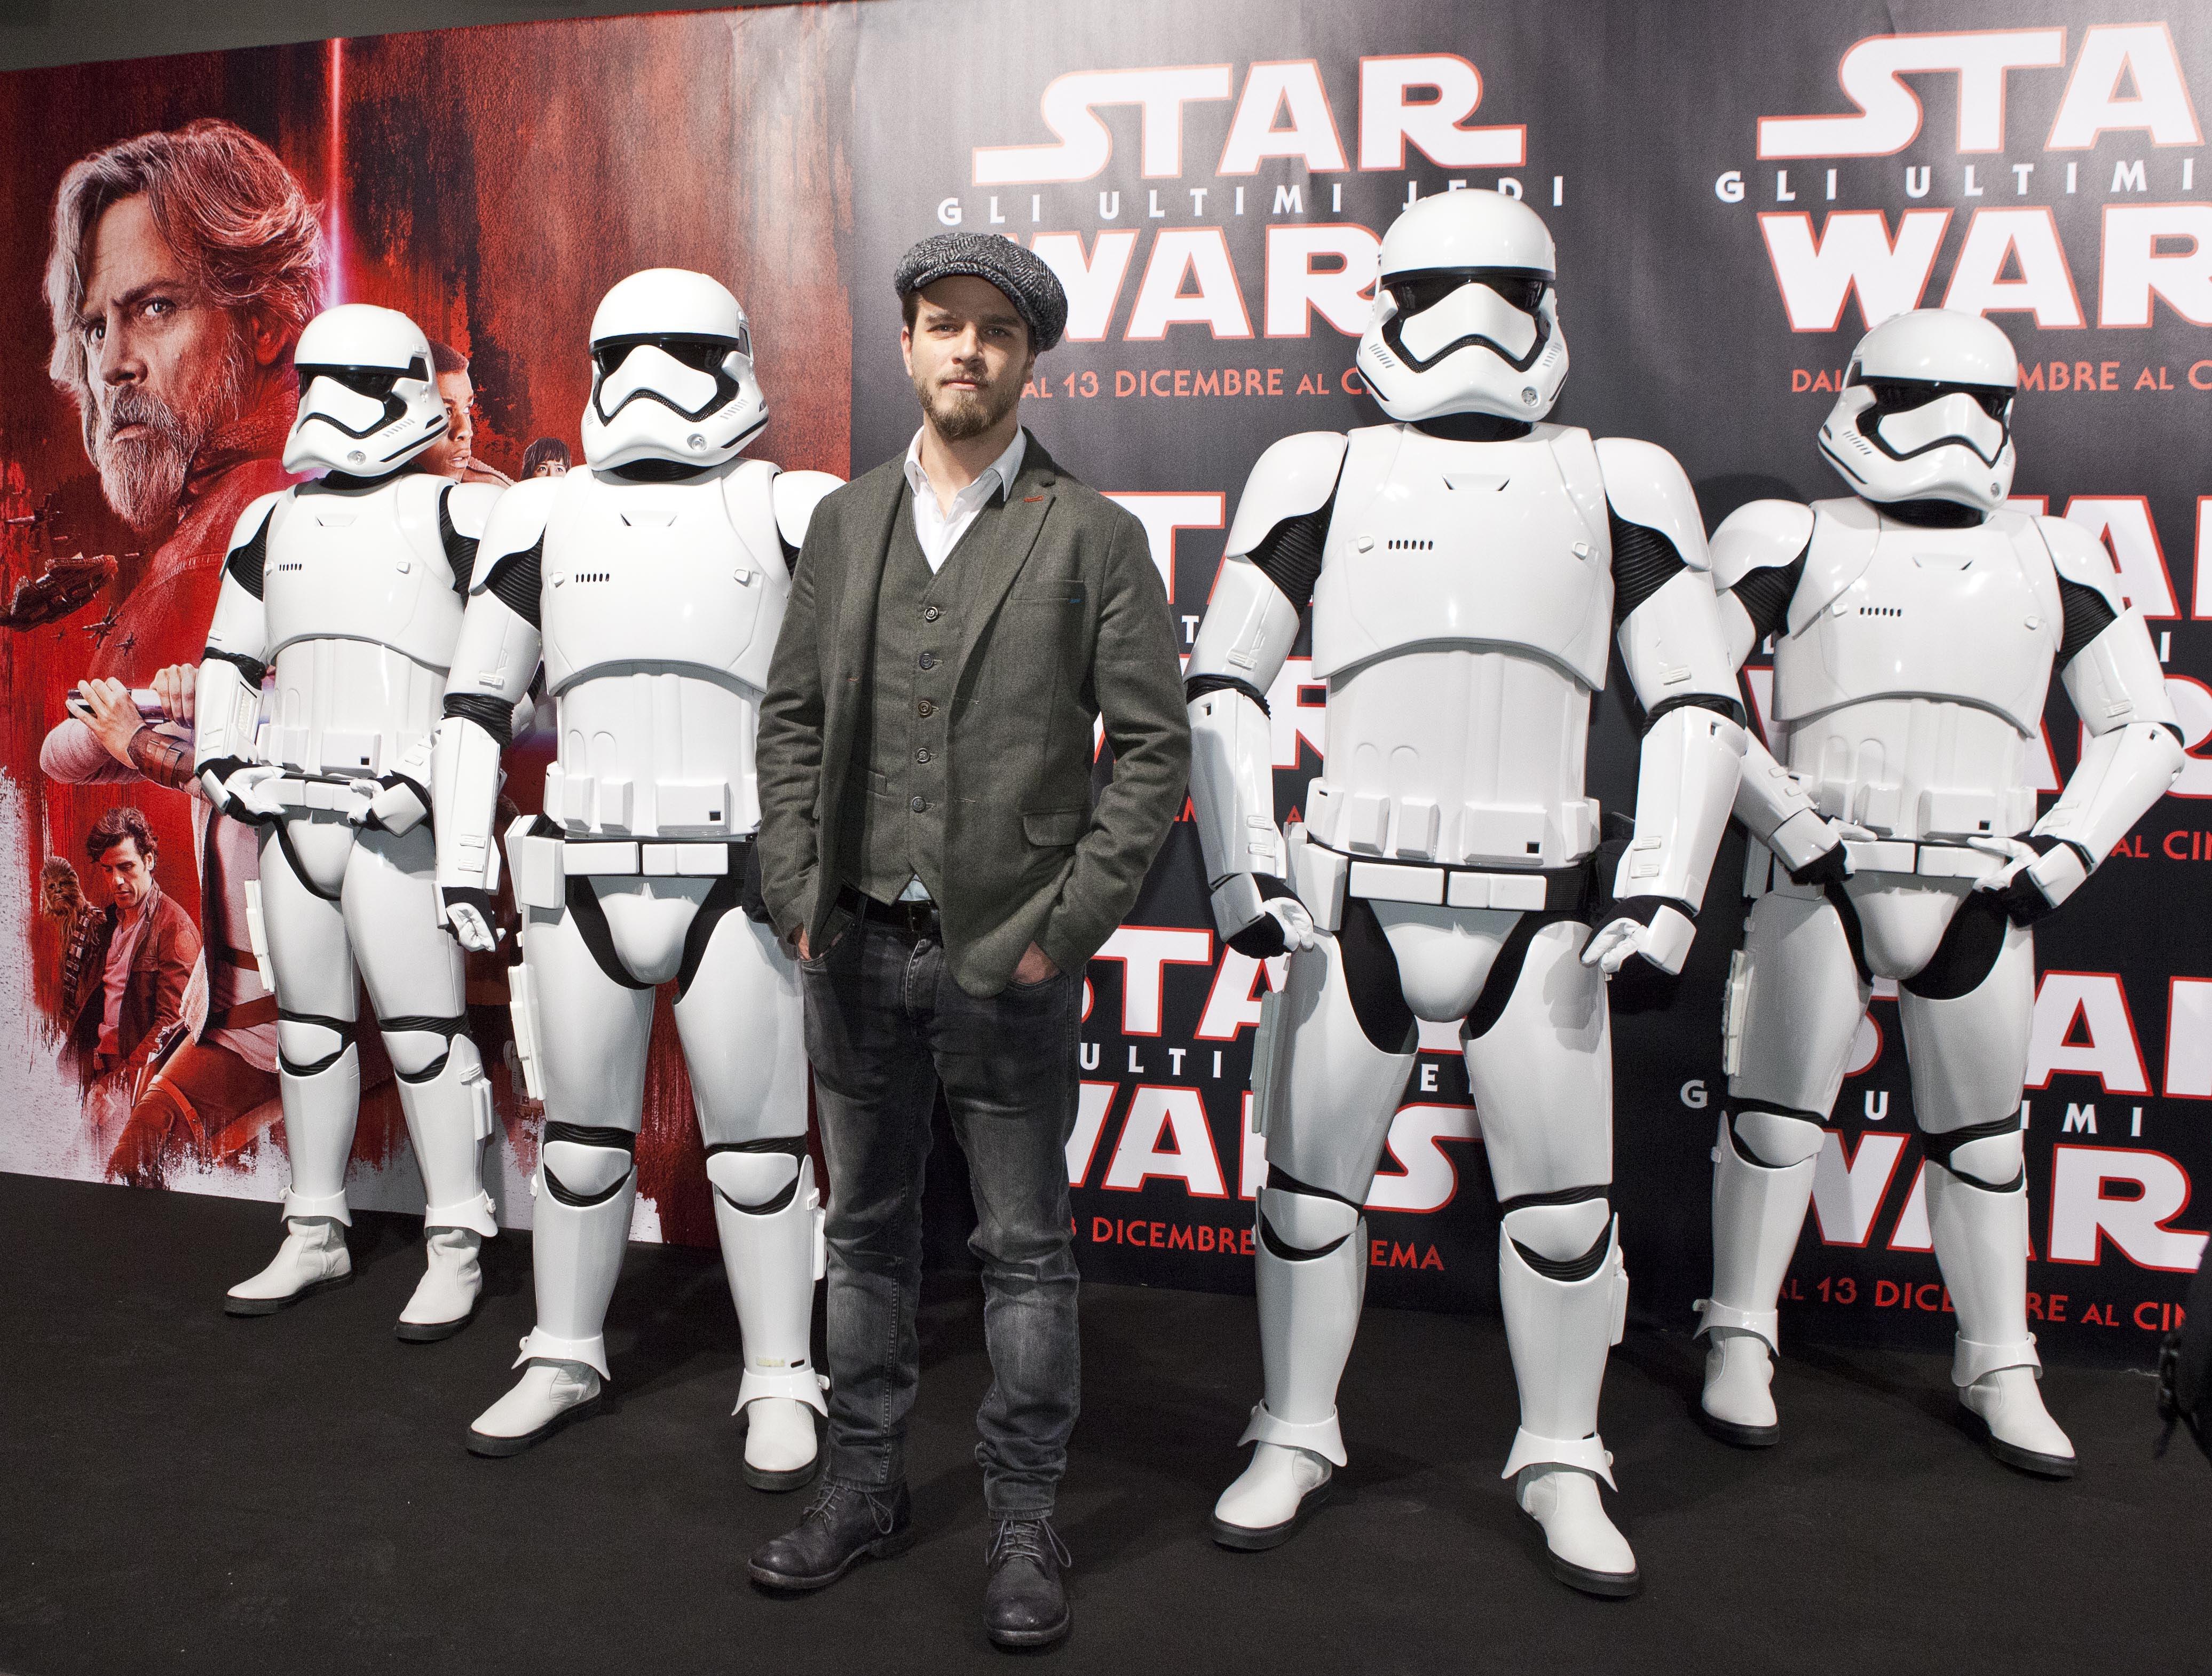 Auguri Matrimonio Star Wars : Frasi del film star wars il risveglio della forza